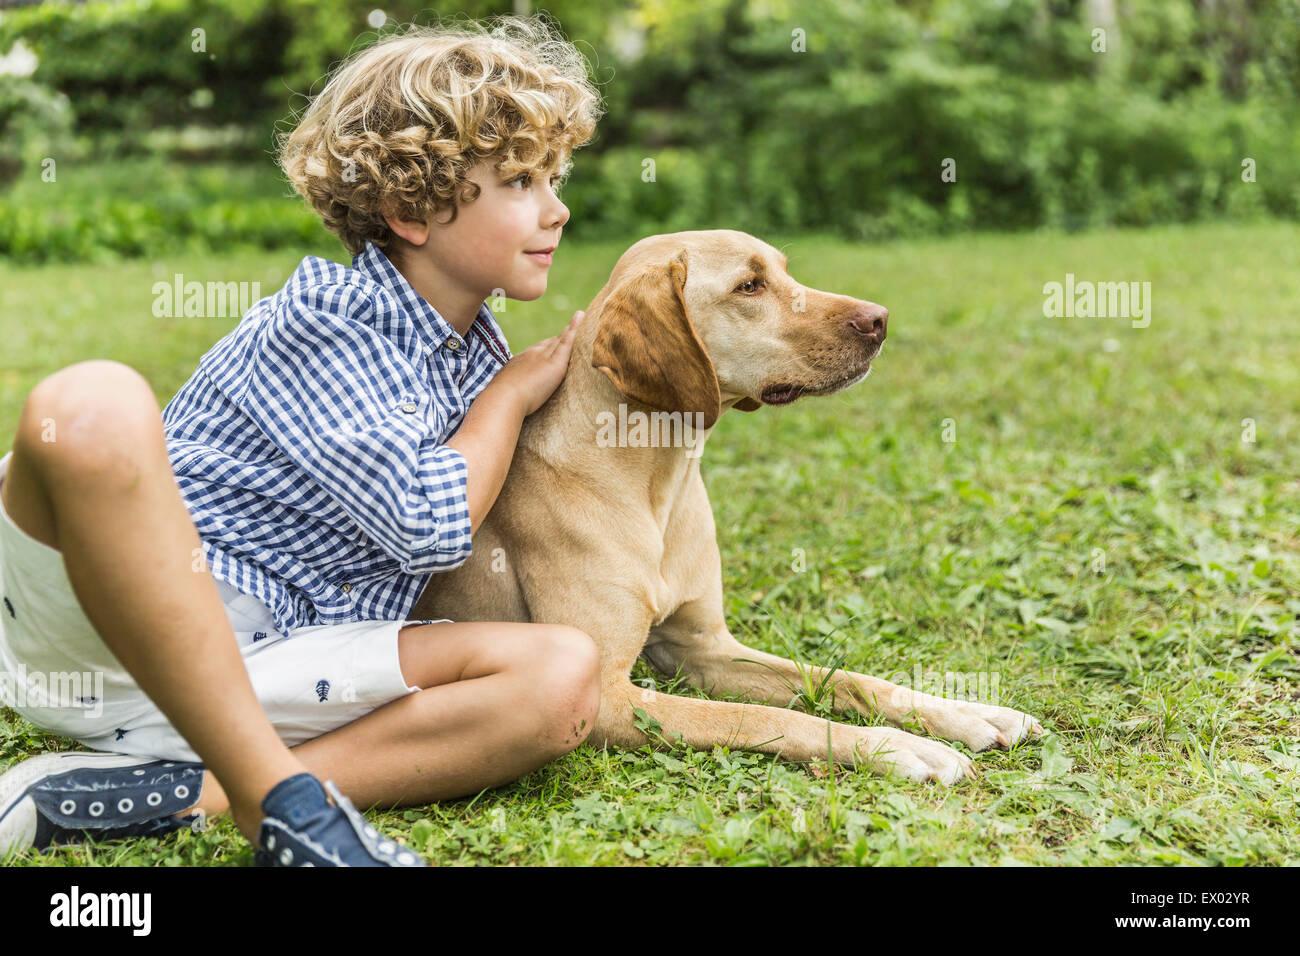 Retrato de muchacho sentado acariciar a perros en el jardín Imagen De Stock